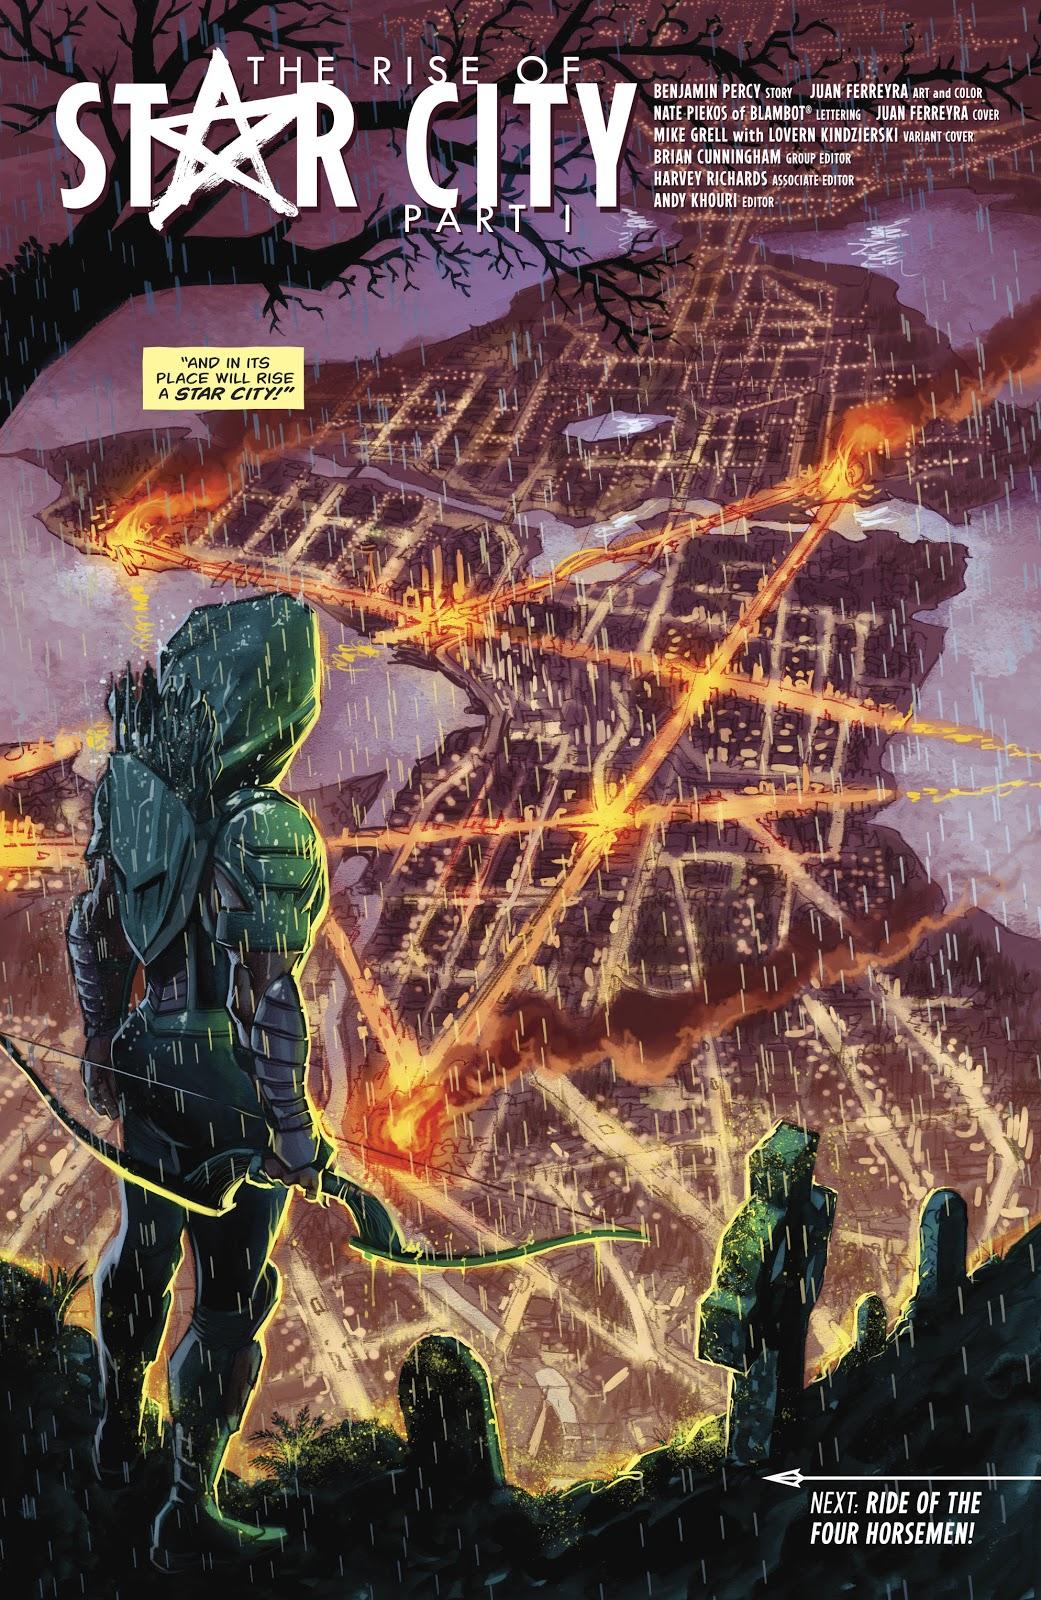 Green Arrow Vol. 6 #21